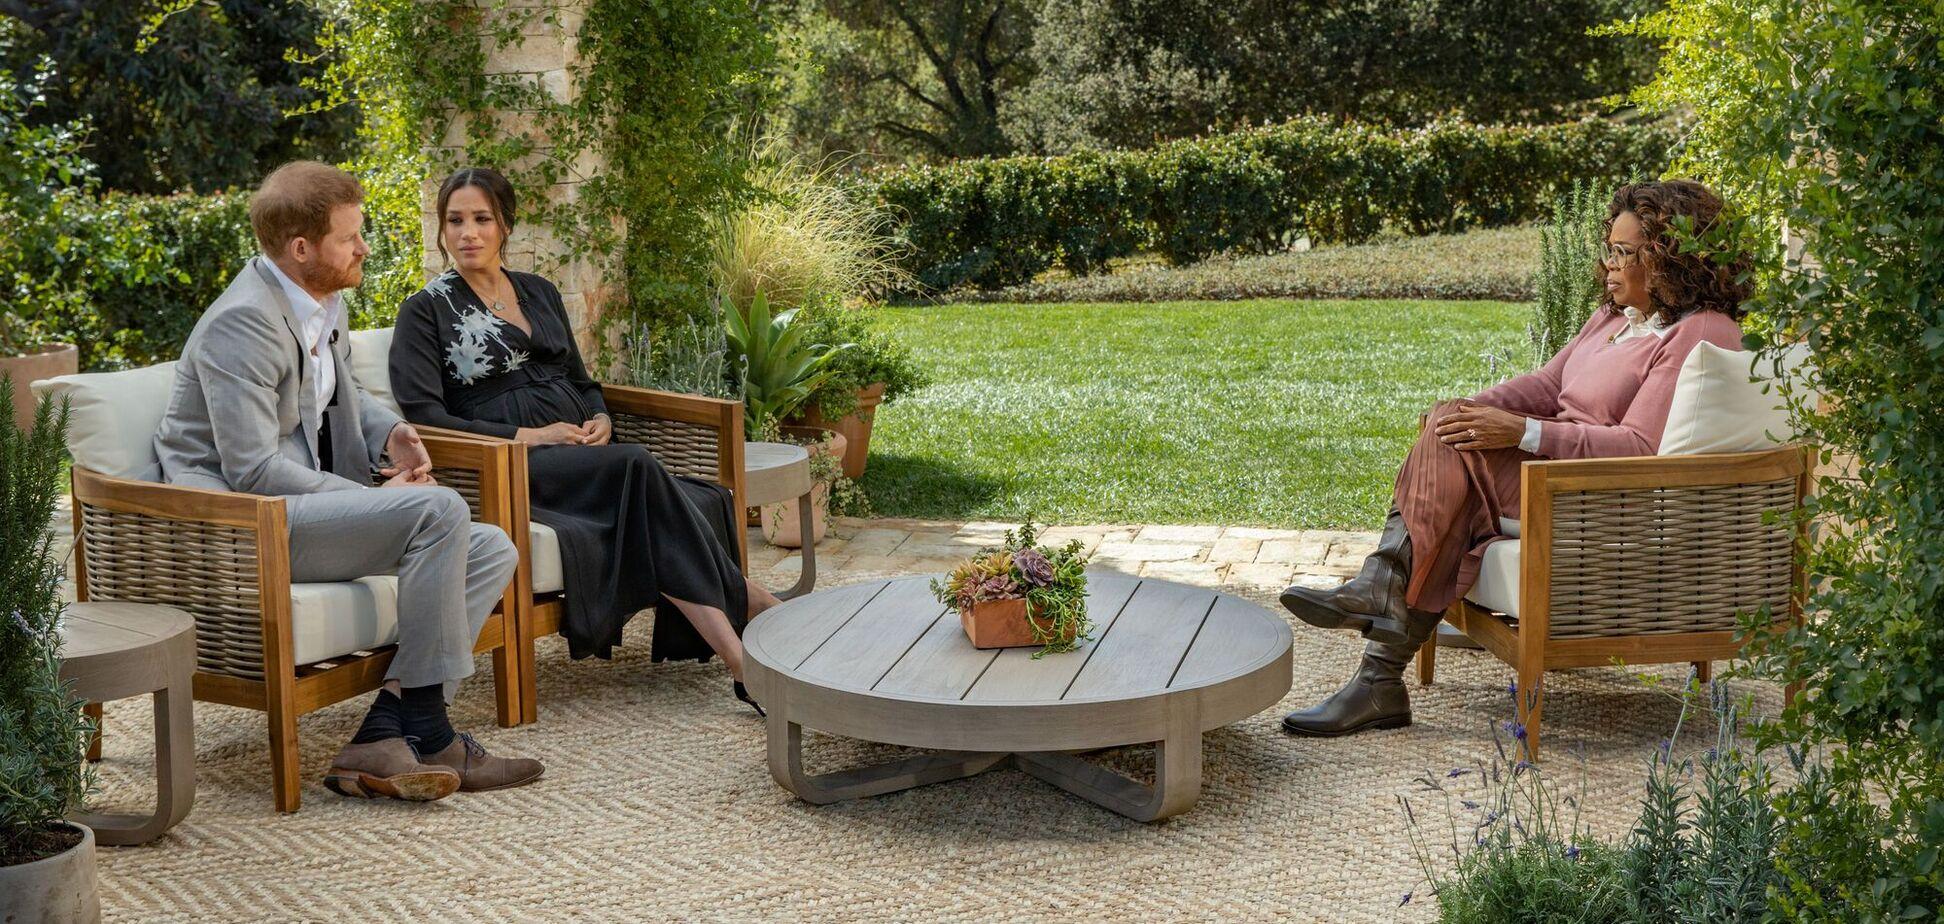 Главные откровения Меган Маркл и принца Гарри в интервью Опре Уинфри